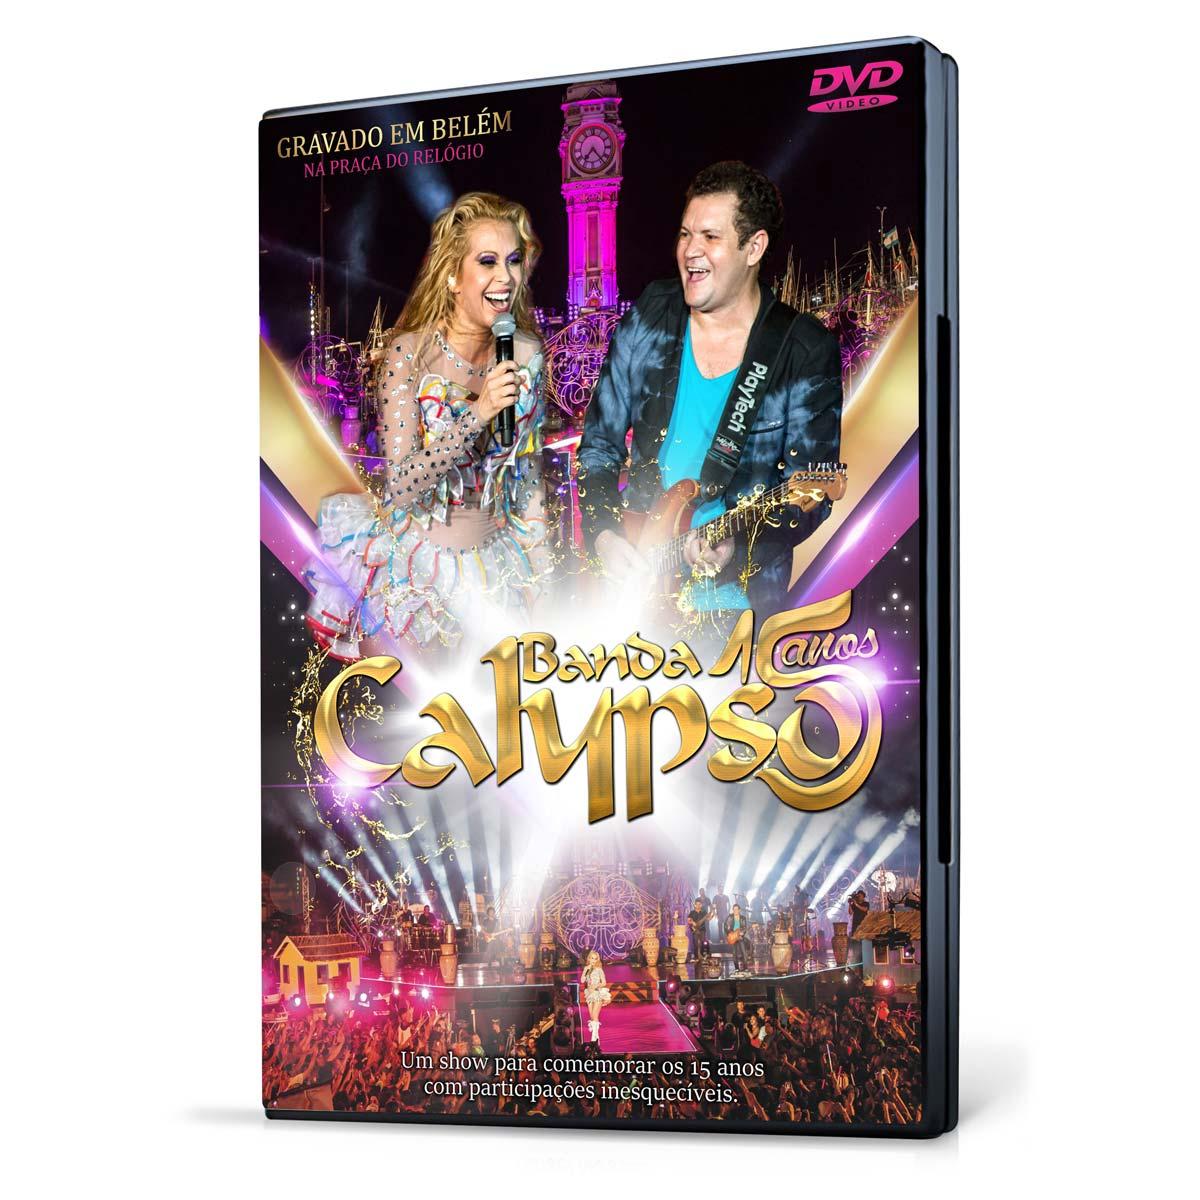 DVD Calypso 15 Anos